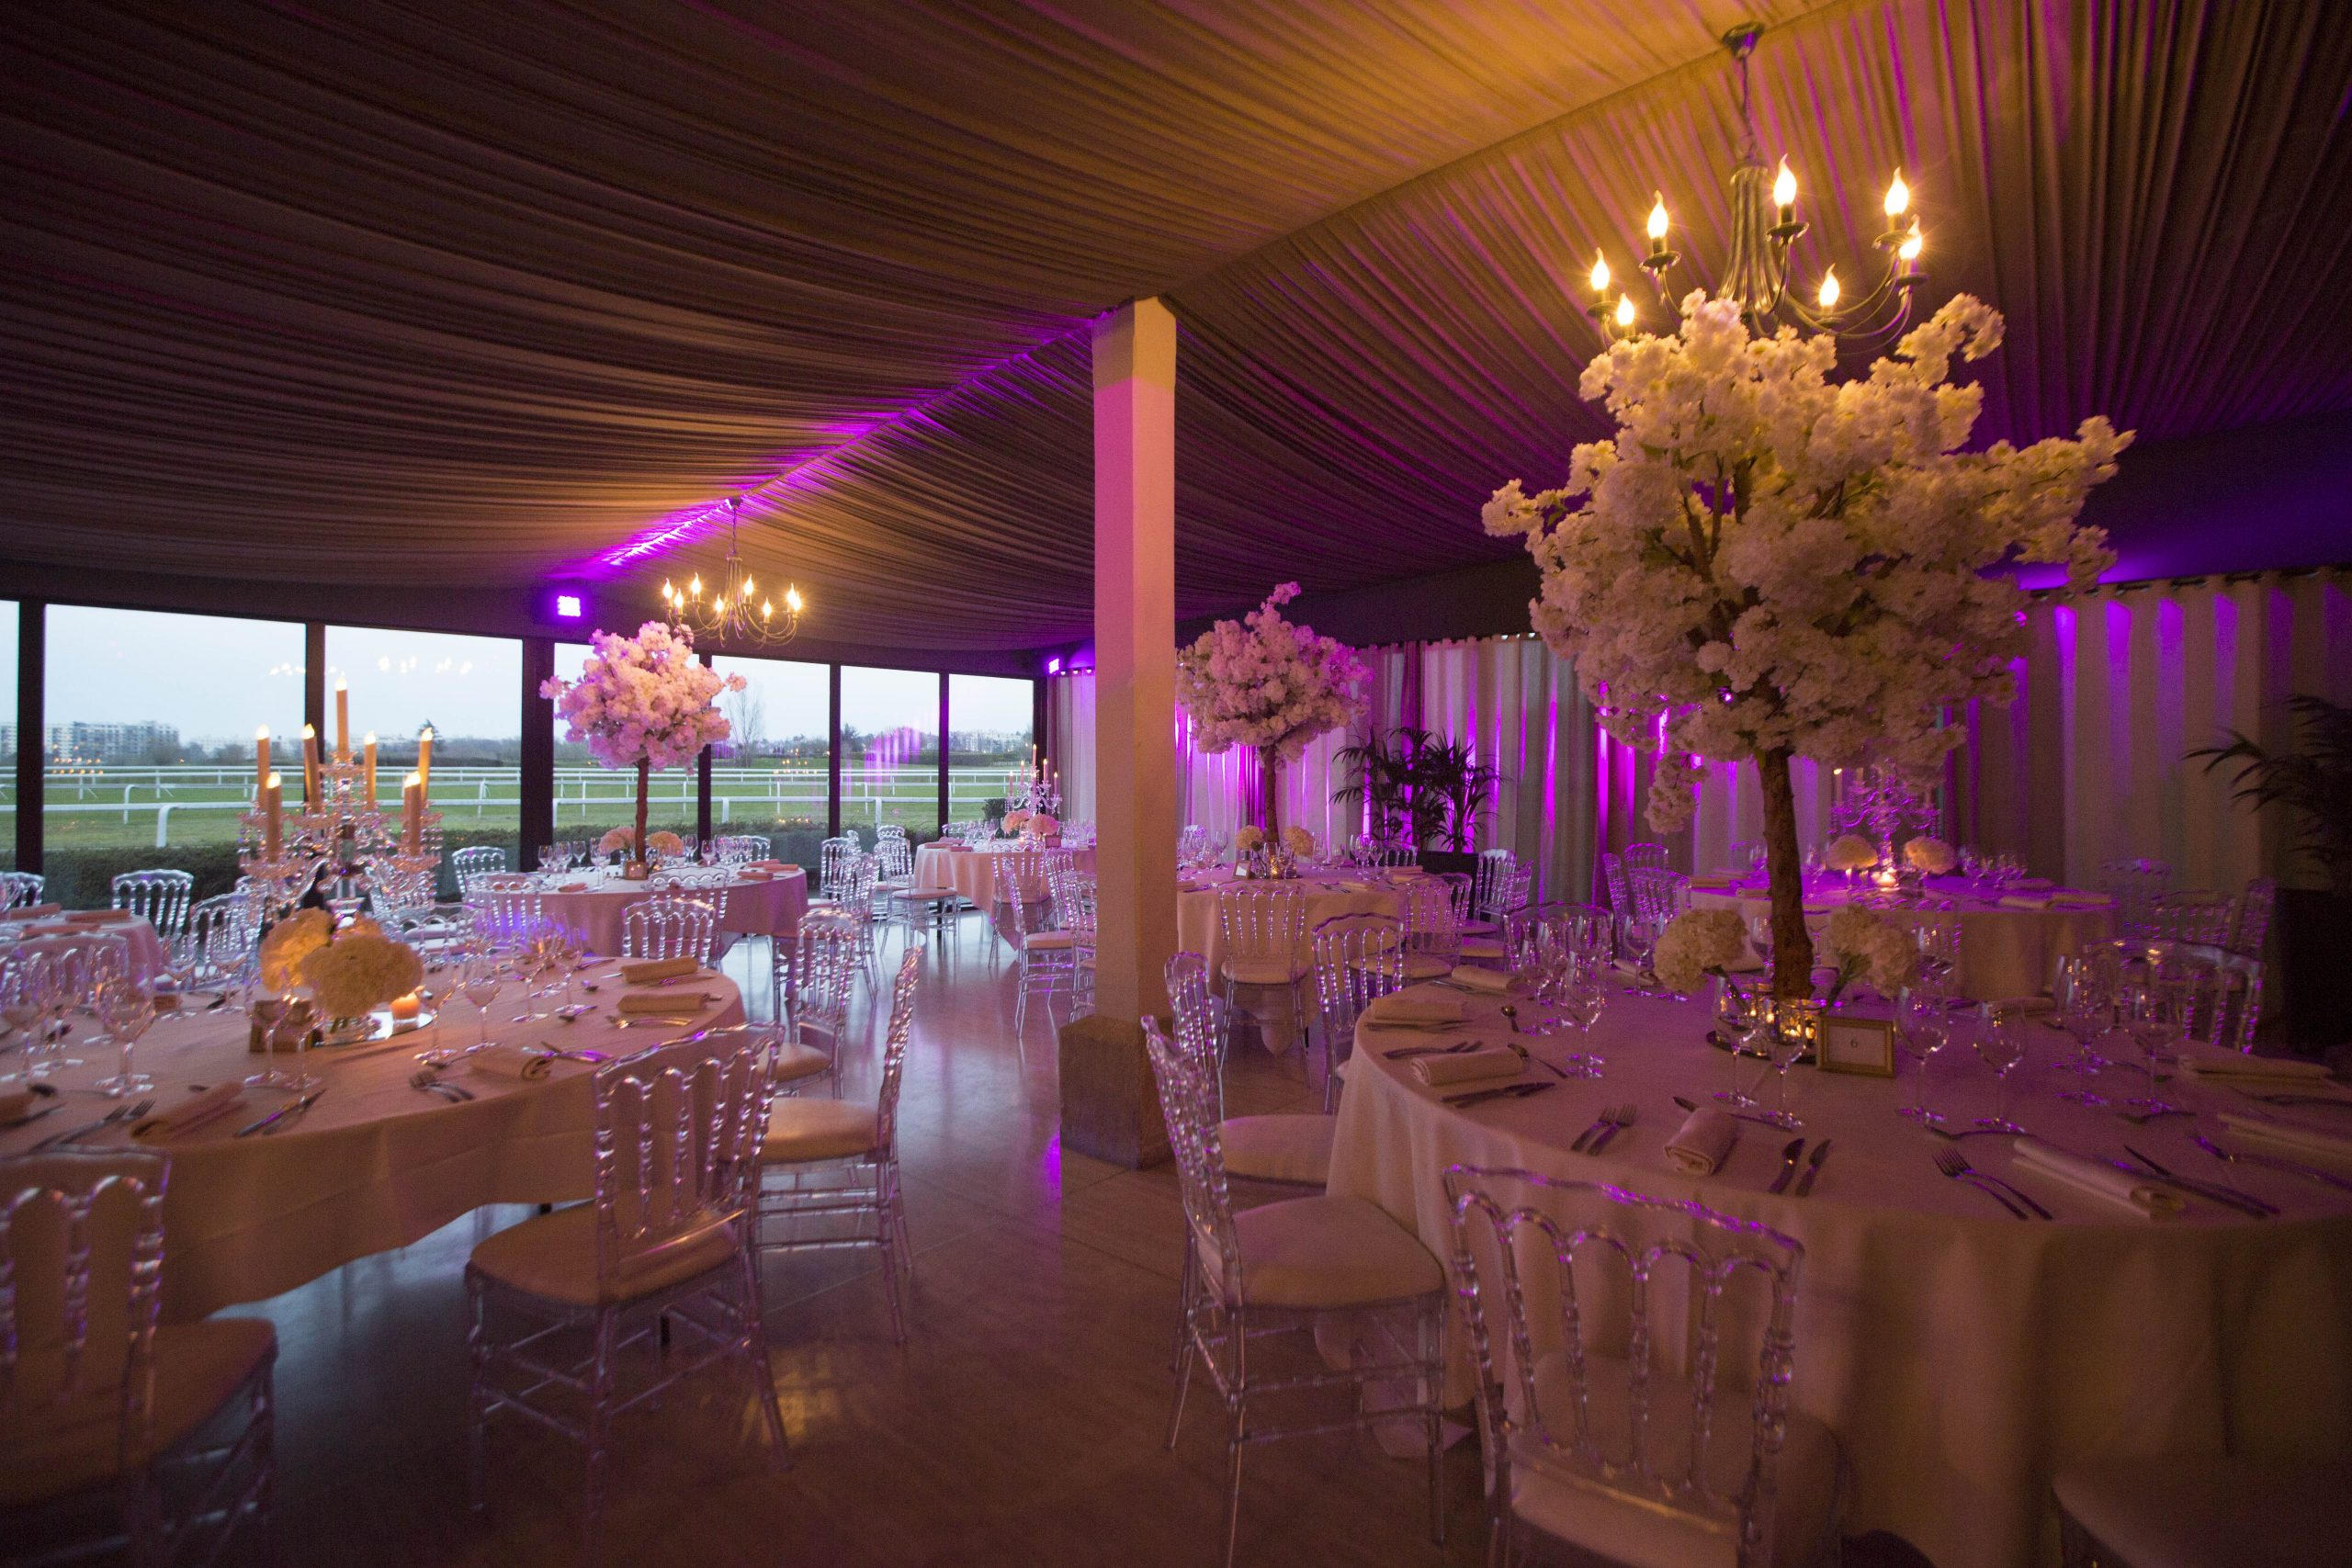 photographe-mariage-decoration-table-chic-ile-de-france